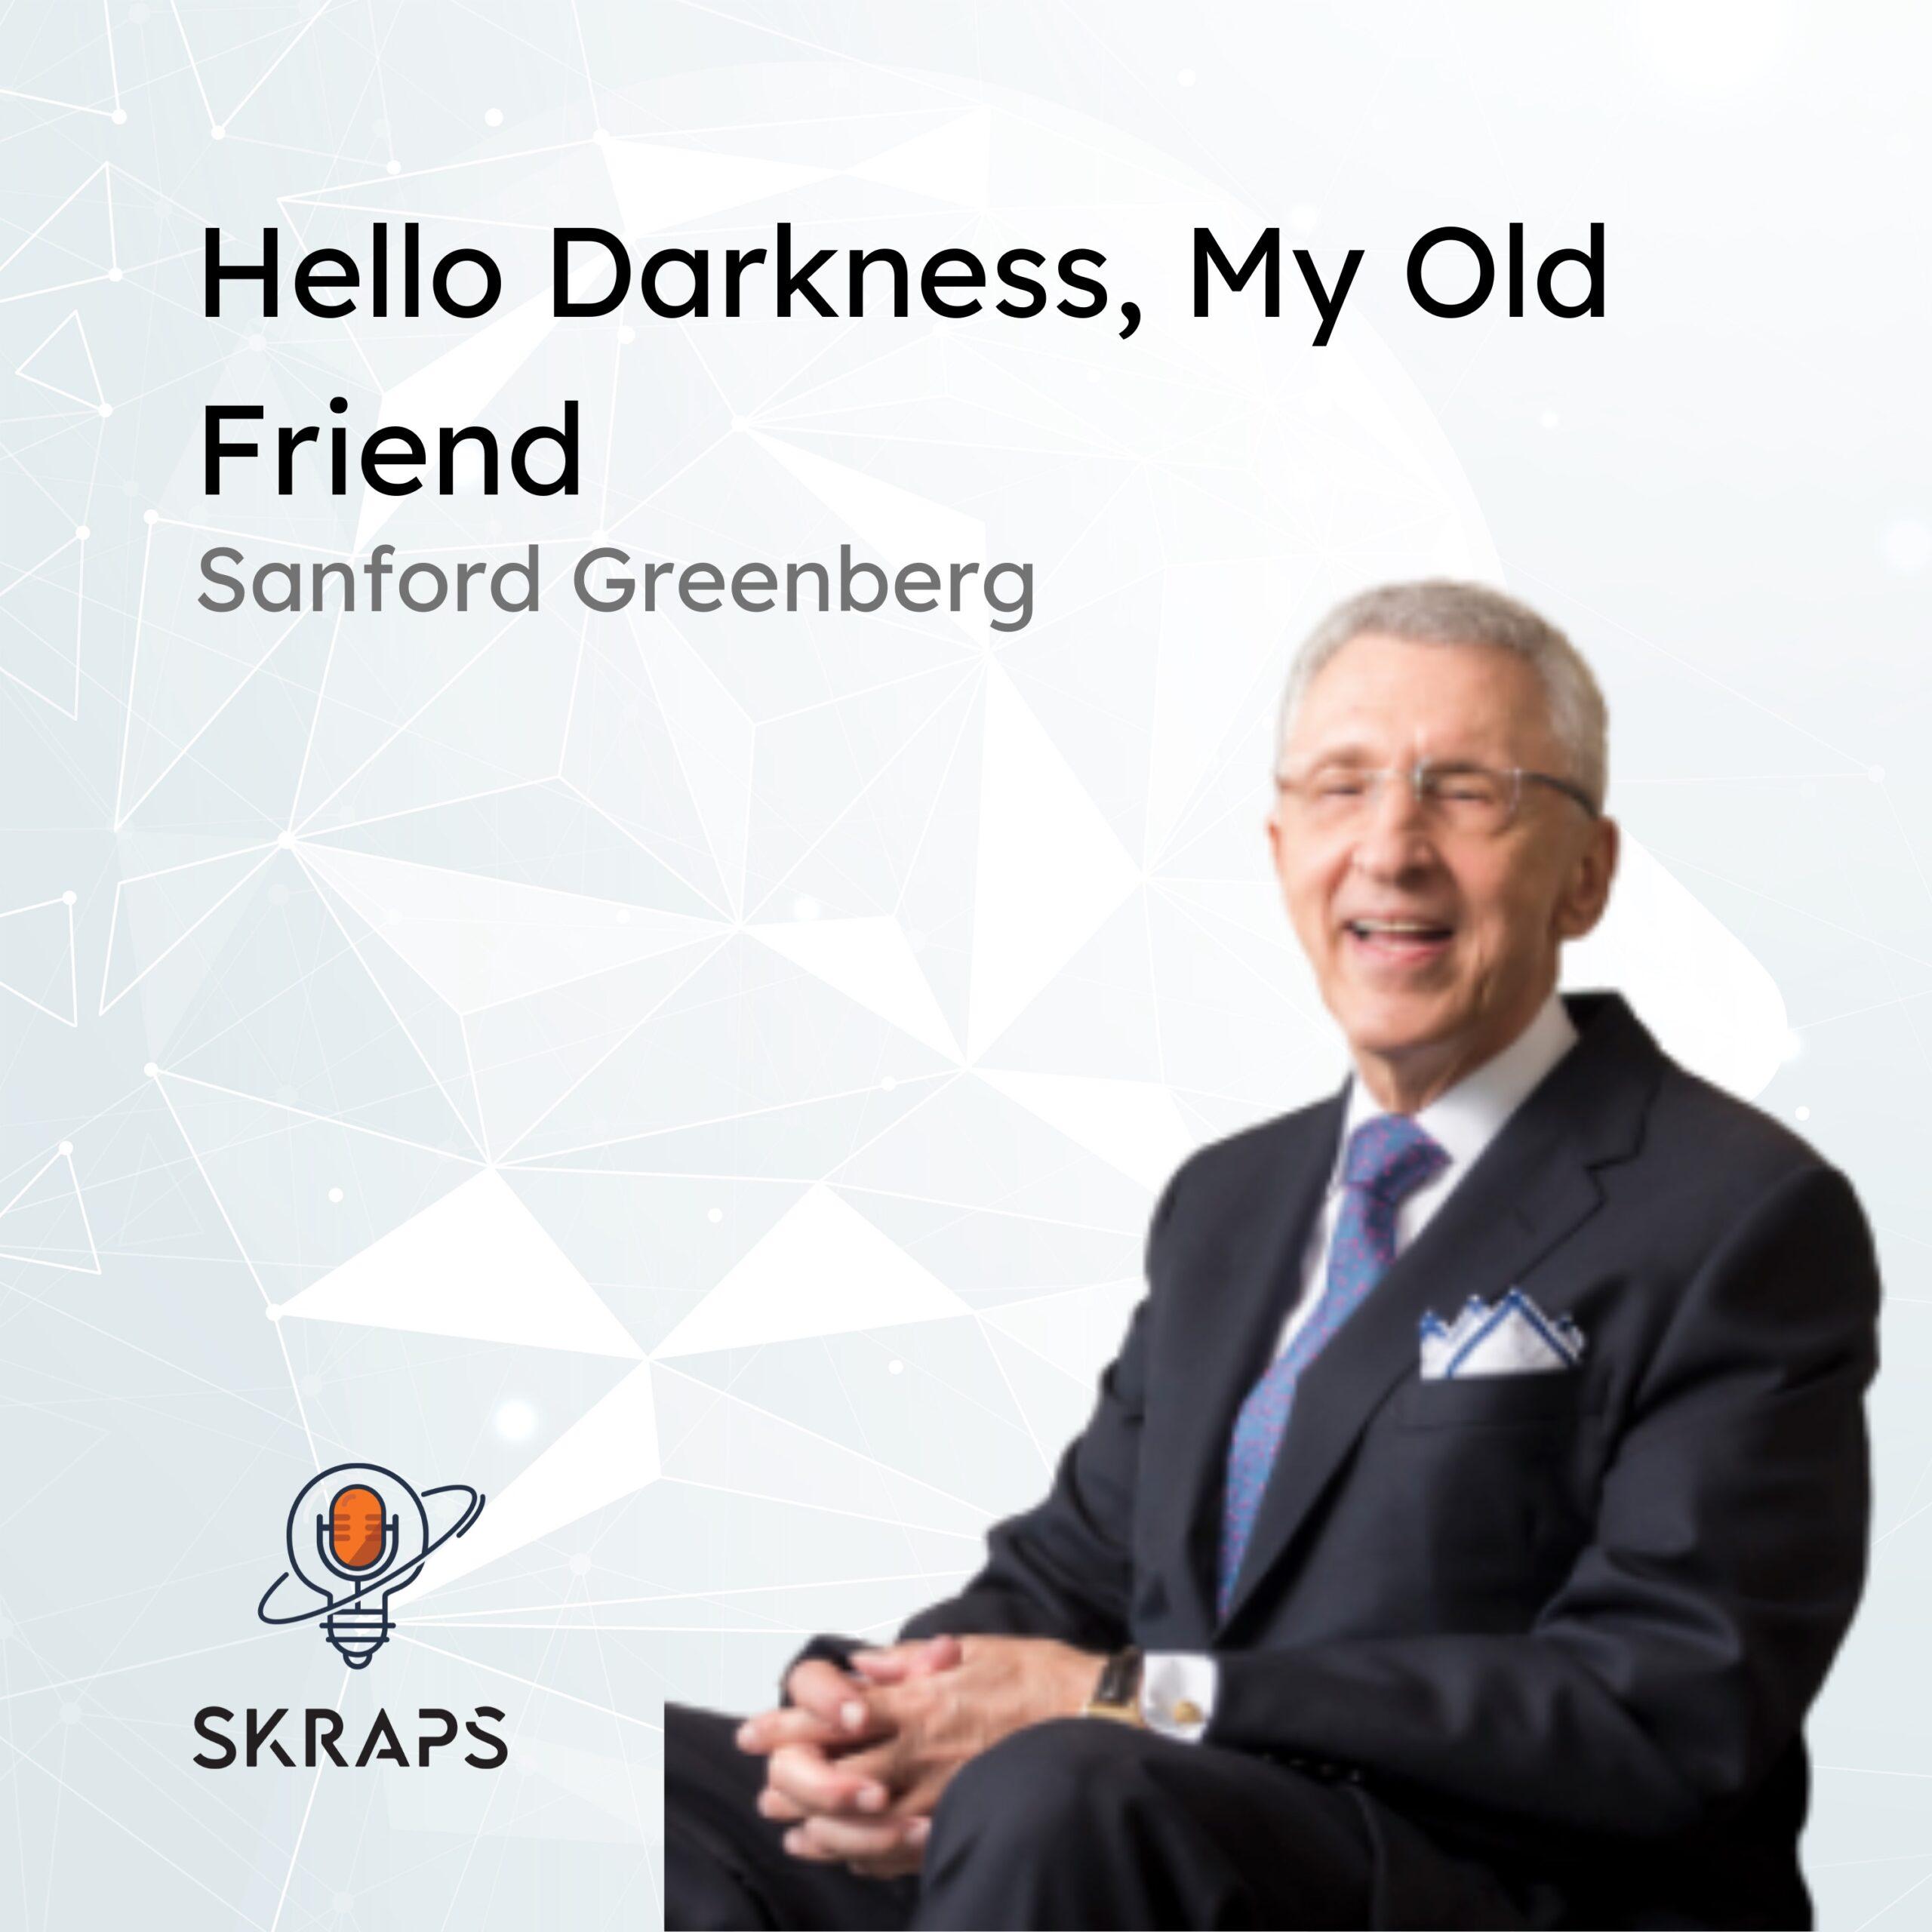 Hello Darkness, my old friend